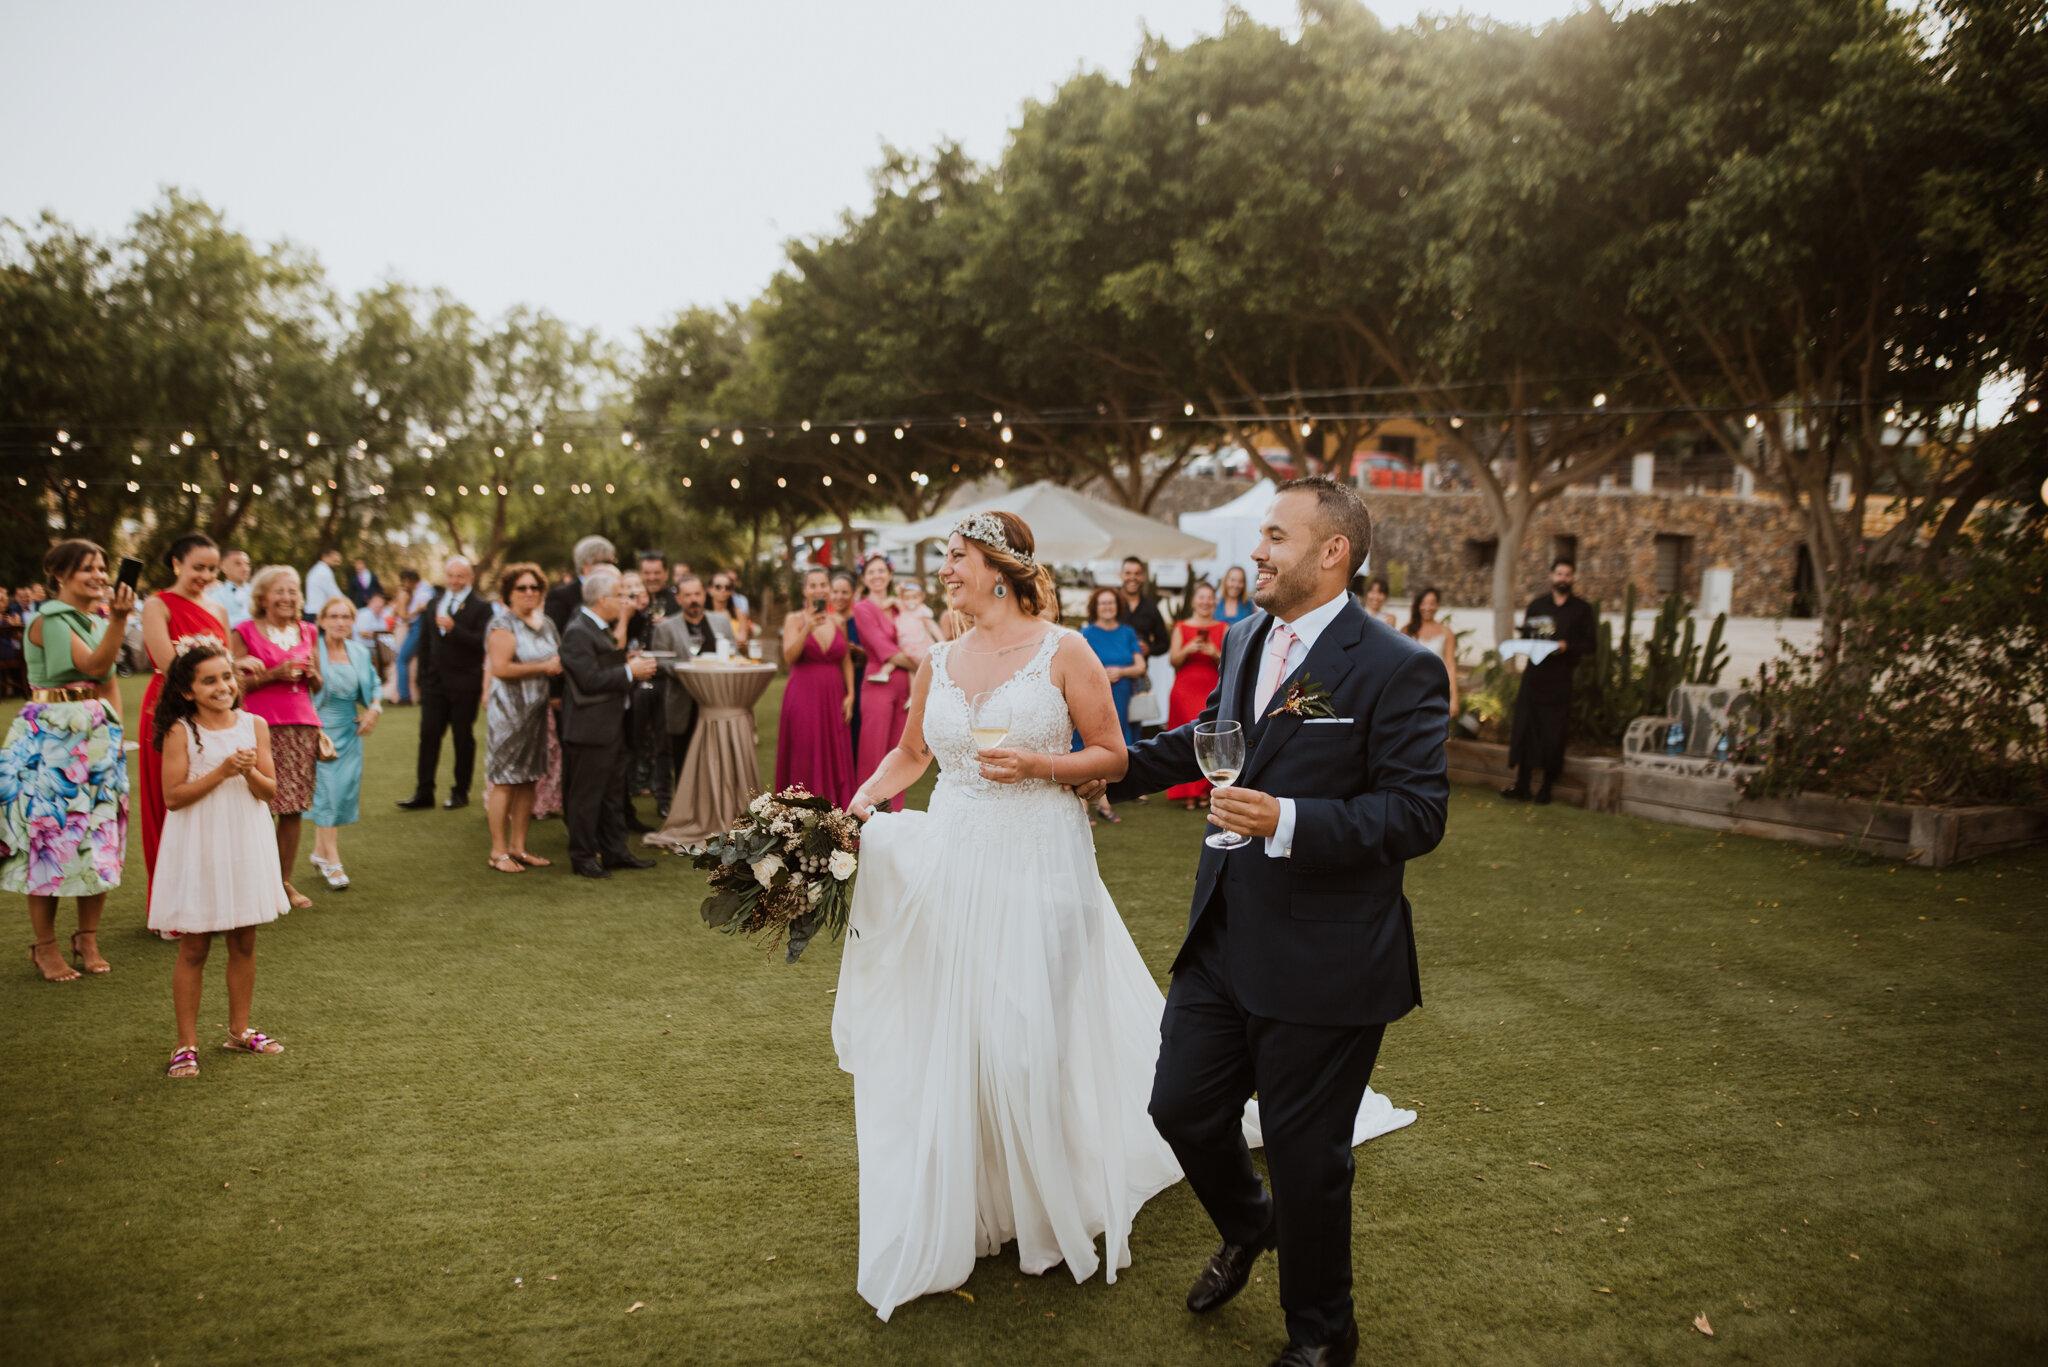 fotografo de bodas las palmas_-106.jpg